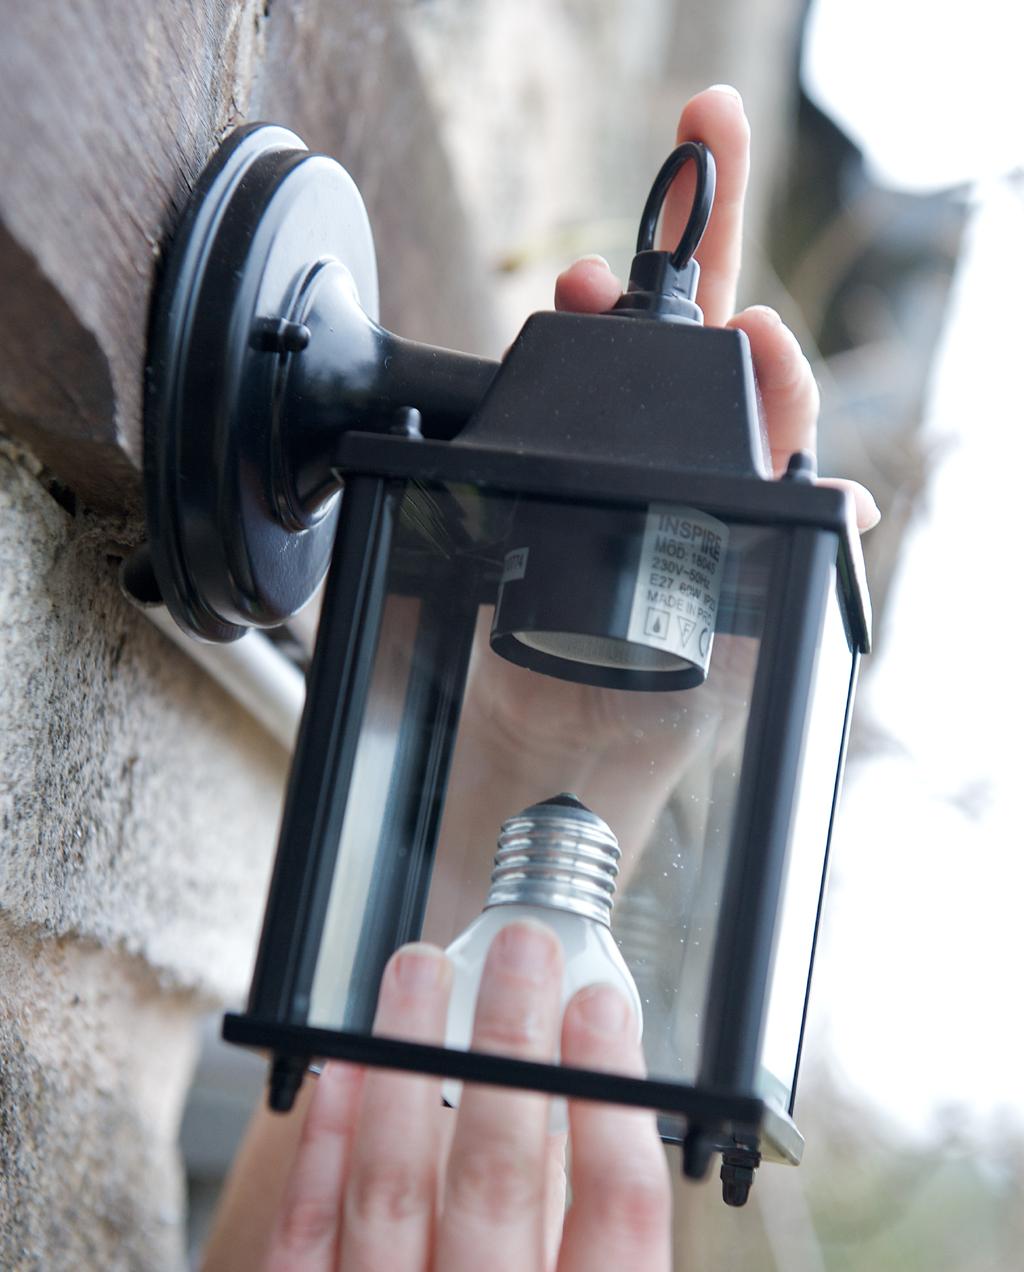 Installer un éclairage d'extérieur